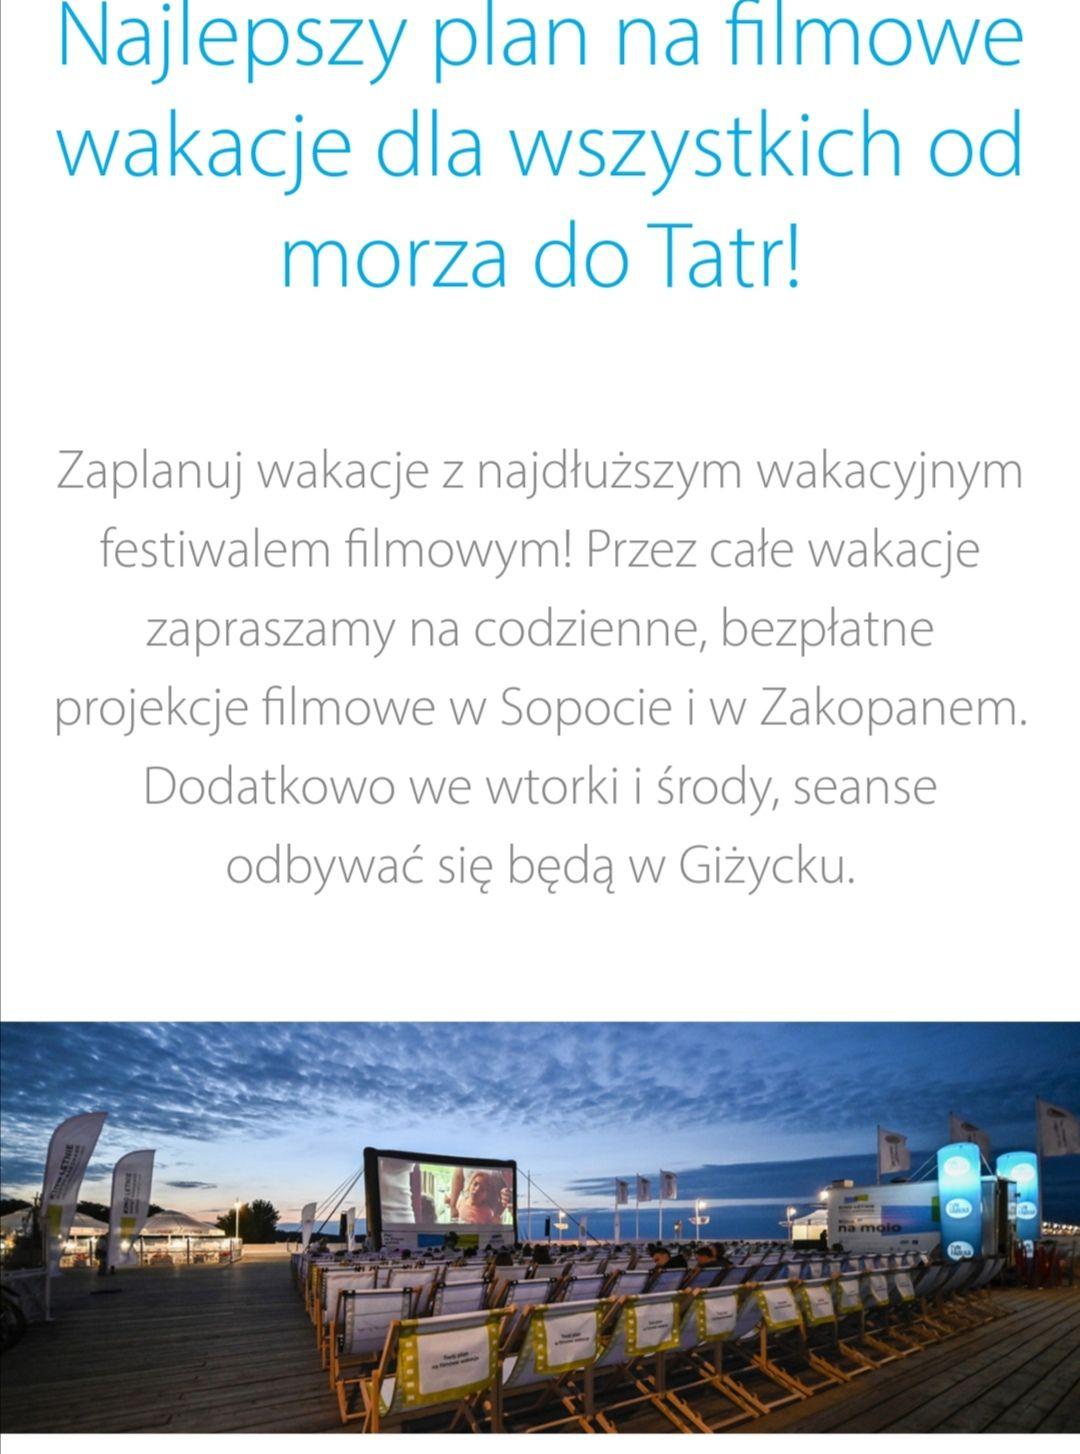 Darmowe Kino Letnie Sopot, Giżycko, Zakopane